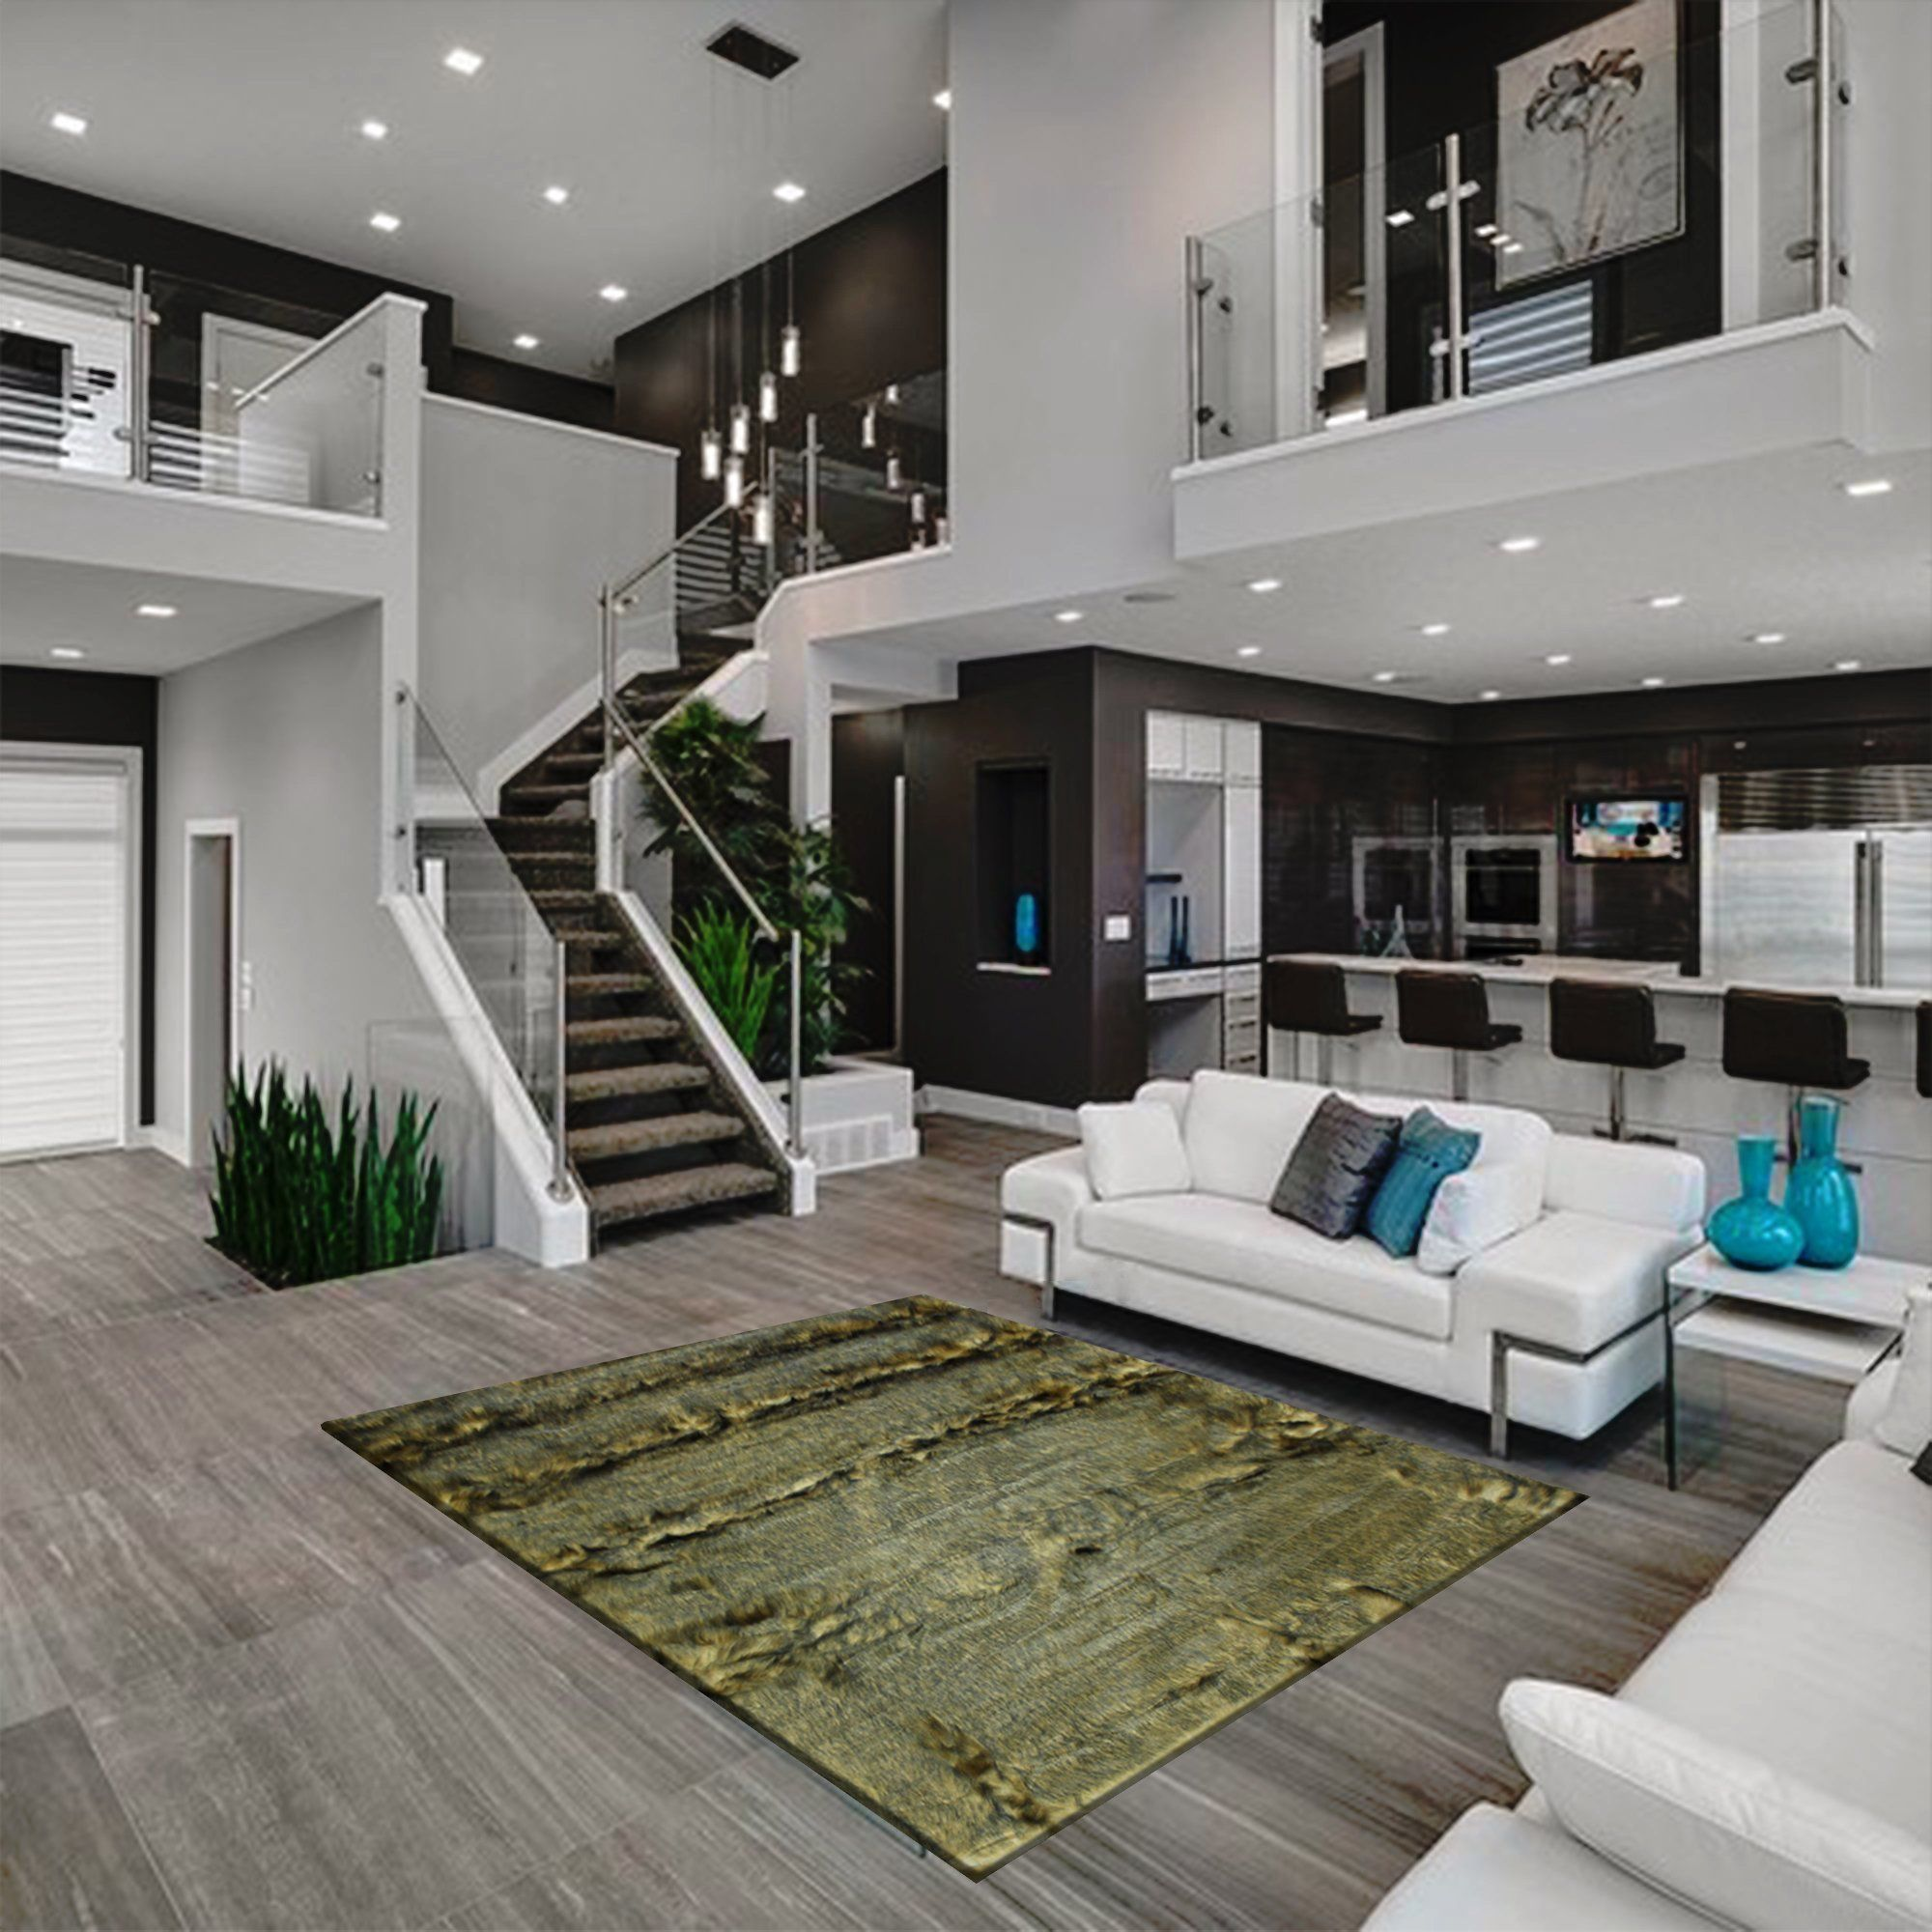 Fox Faux Fur K9 Modern House Design House Interior Dream Home Design